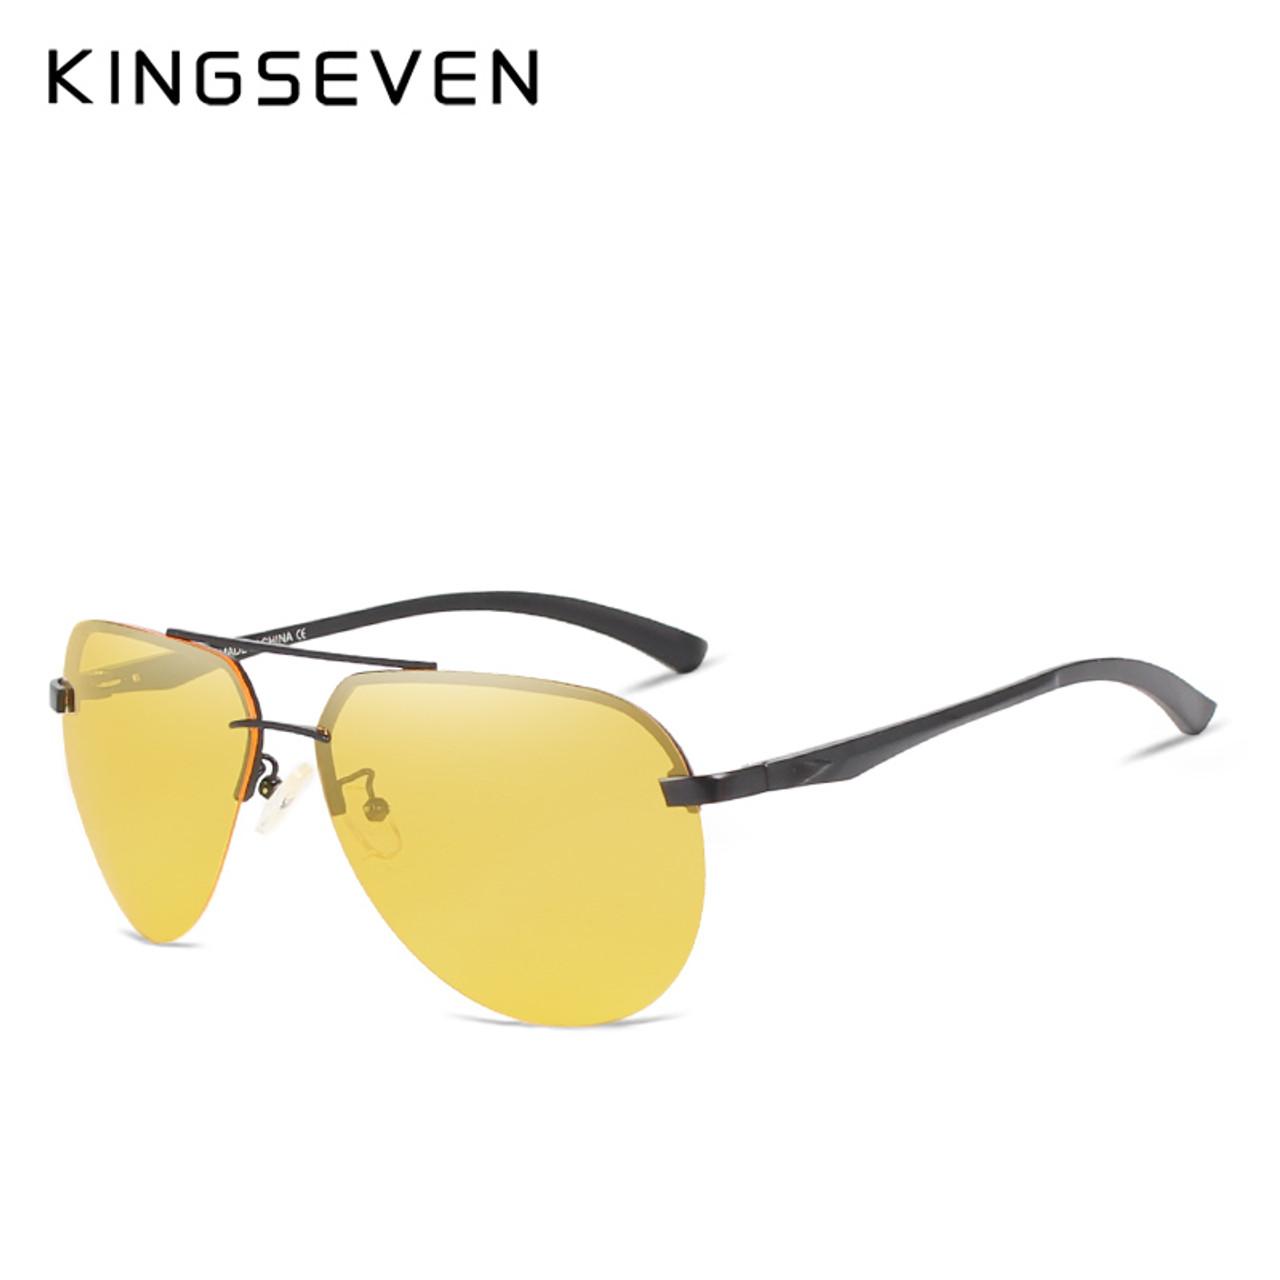 cae4a961011 ... KINGSEVEN Polarized Night vision Sunglasses Mens Original Box Goggles  Women Designer Leisure Glasses Oculos de sol ...